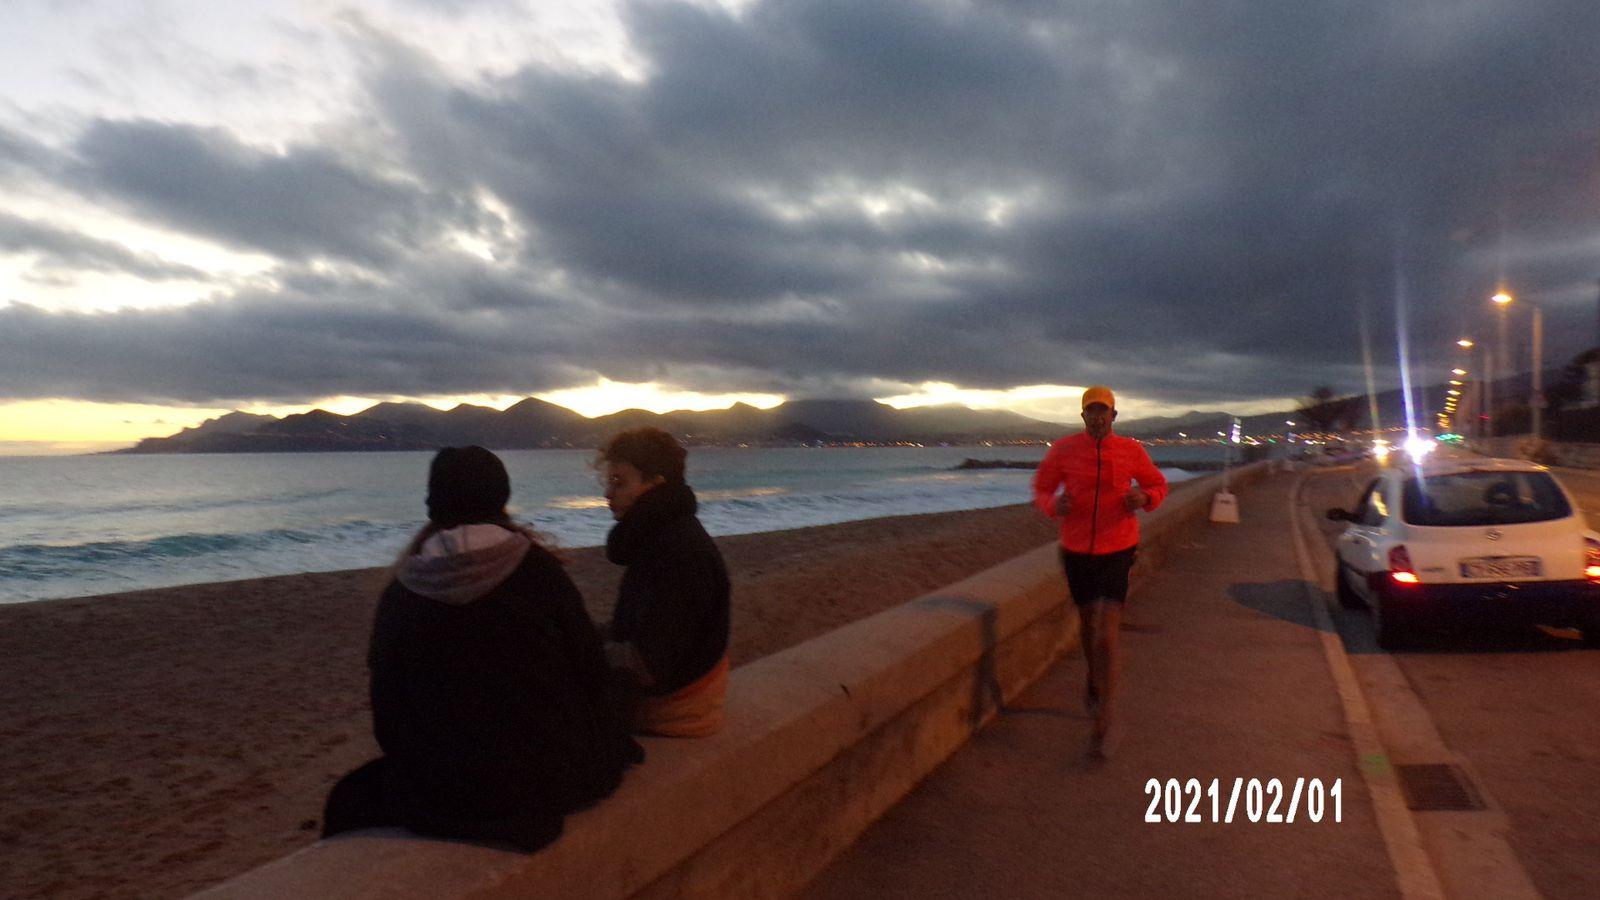 Quelques photos de Cannes encore. Le bord de mer, une vitre de Louis Vuitton. Au loin les collines d'Esterel, avec derrière Saint Raphaël.